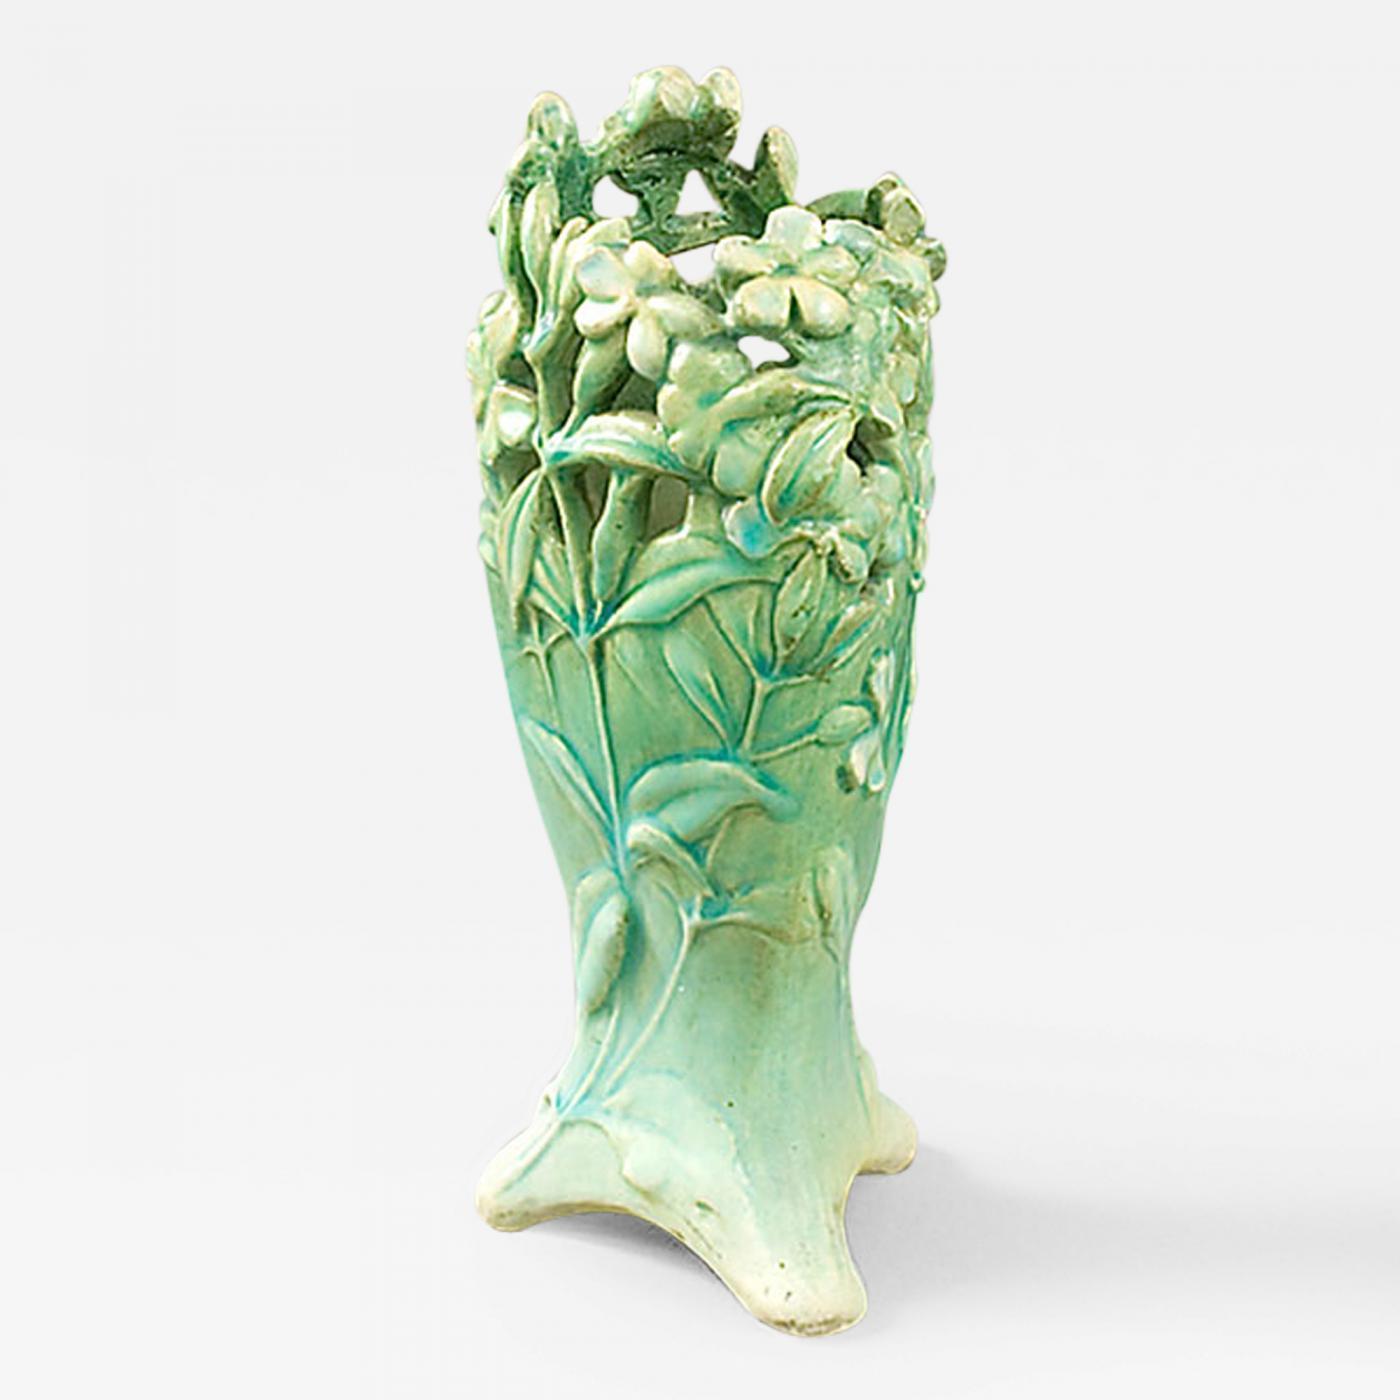 Edmond lachenal french art nouveau ceramic vase listings decorative arts objects vases jars urns edmond lachenal french art nouveau reviewsmspy